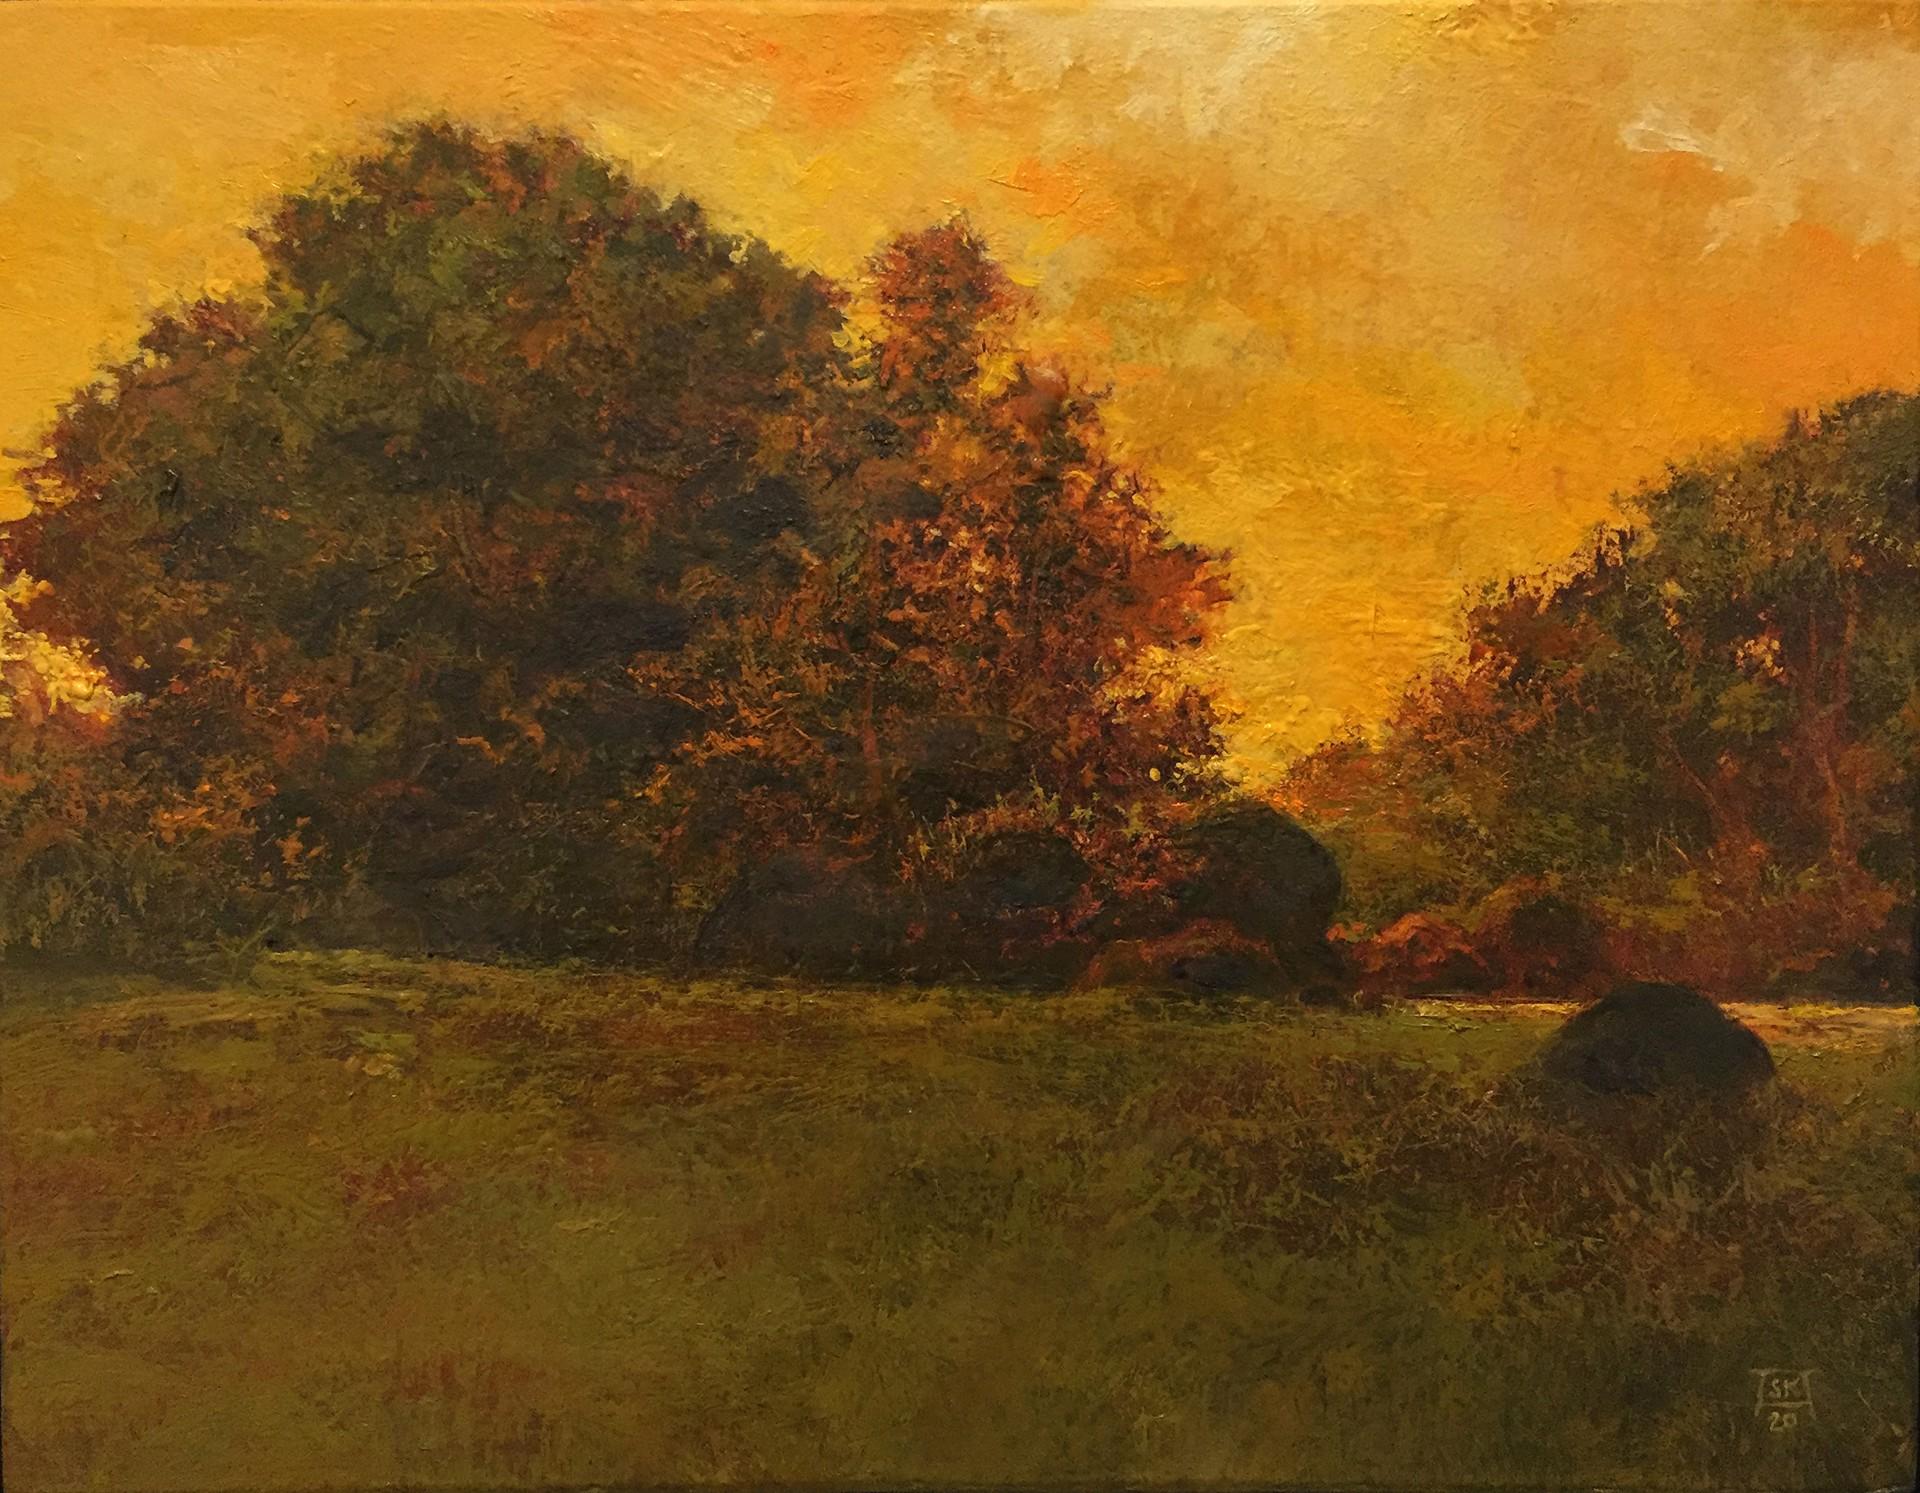 Evening (Millpond) by Shawn Krueger